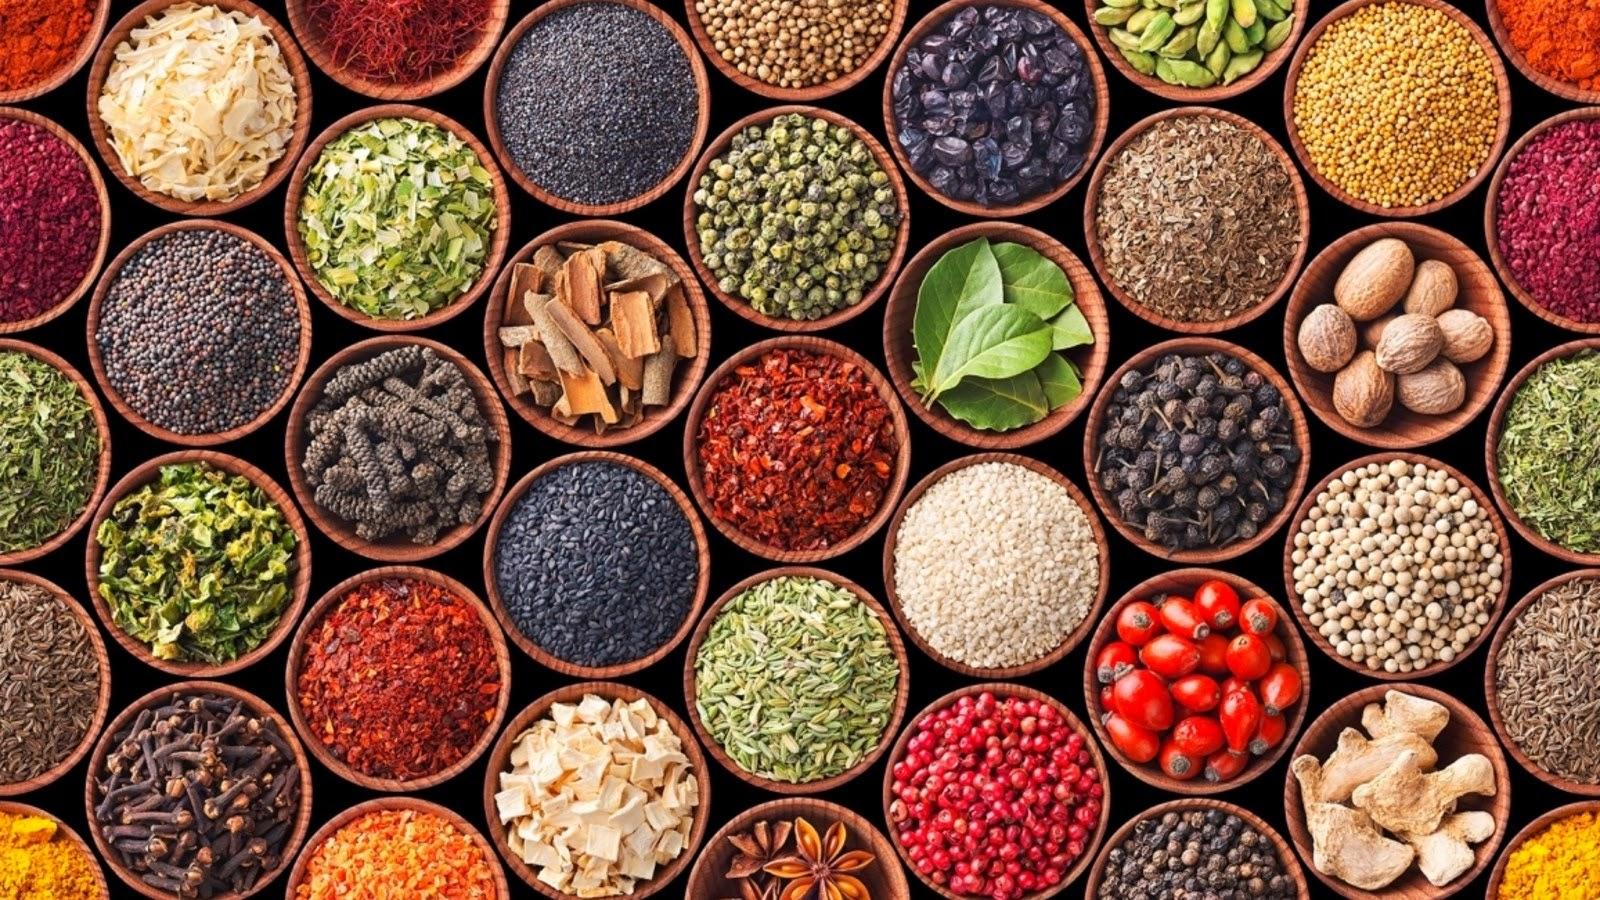 Conoce los tipos de hierbas y especias para cocinar - La Zarola